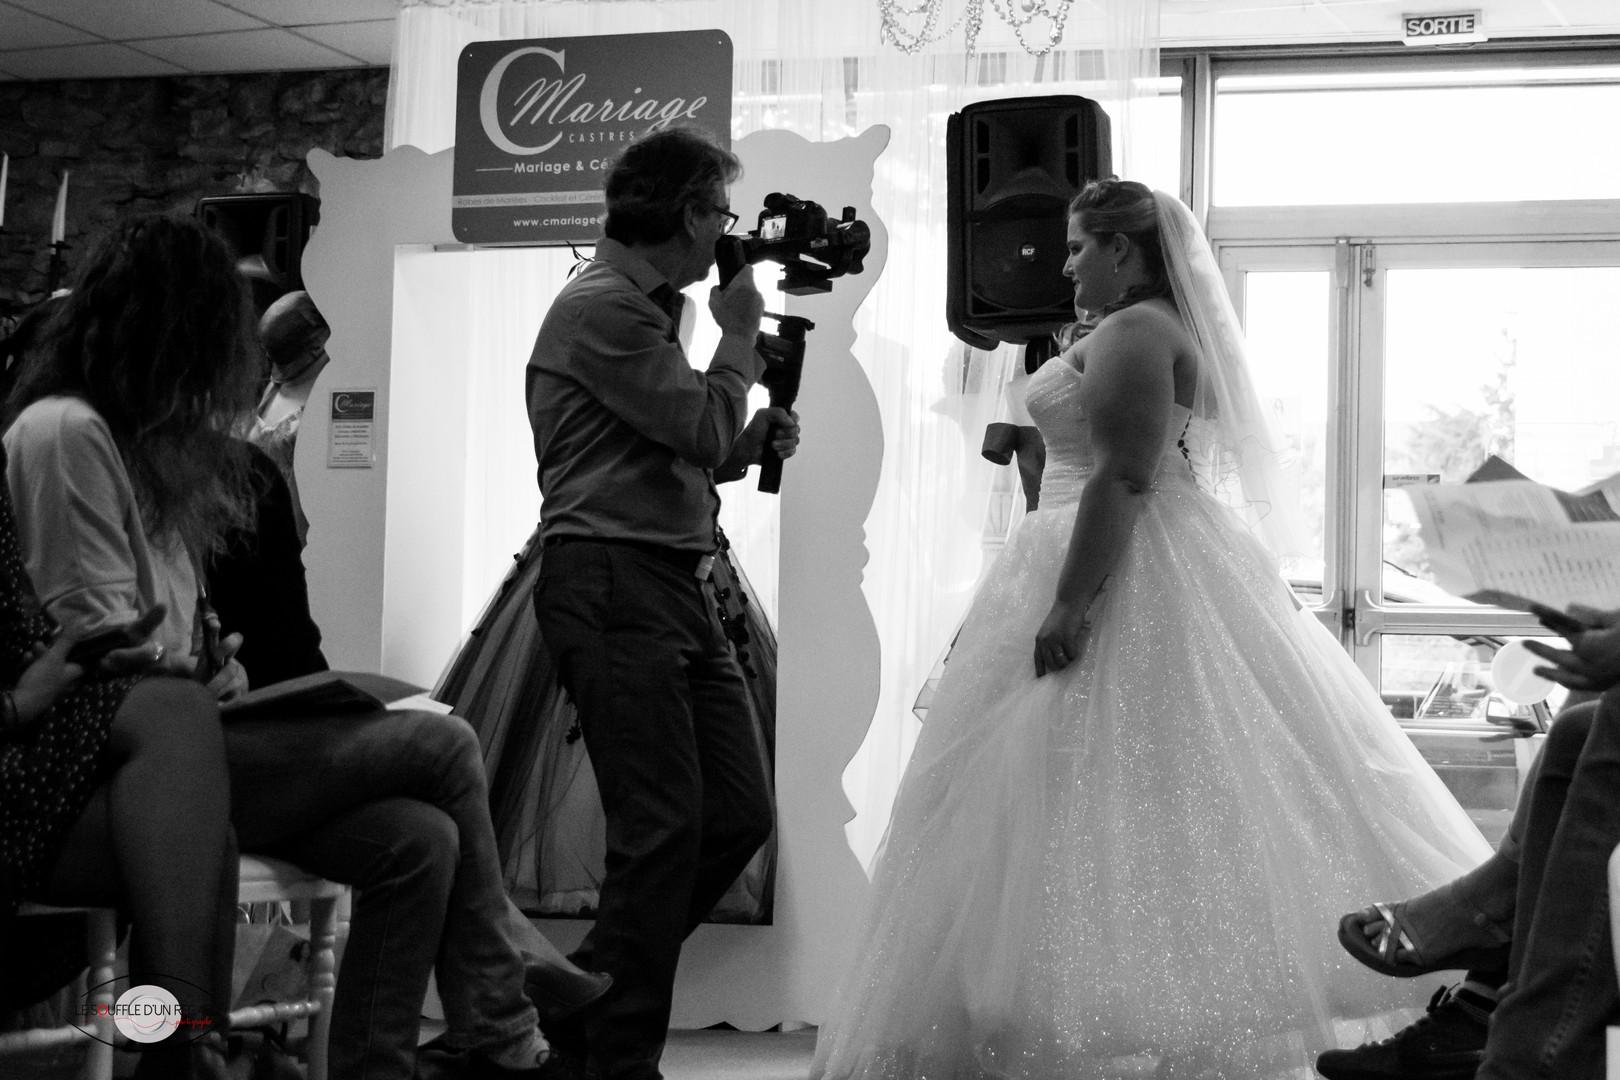 Bridal show - Castres